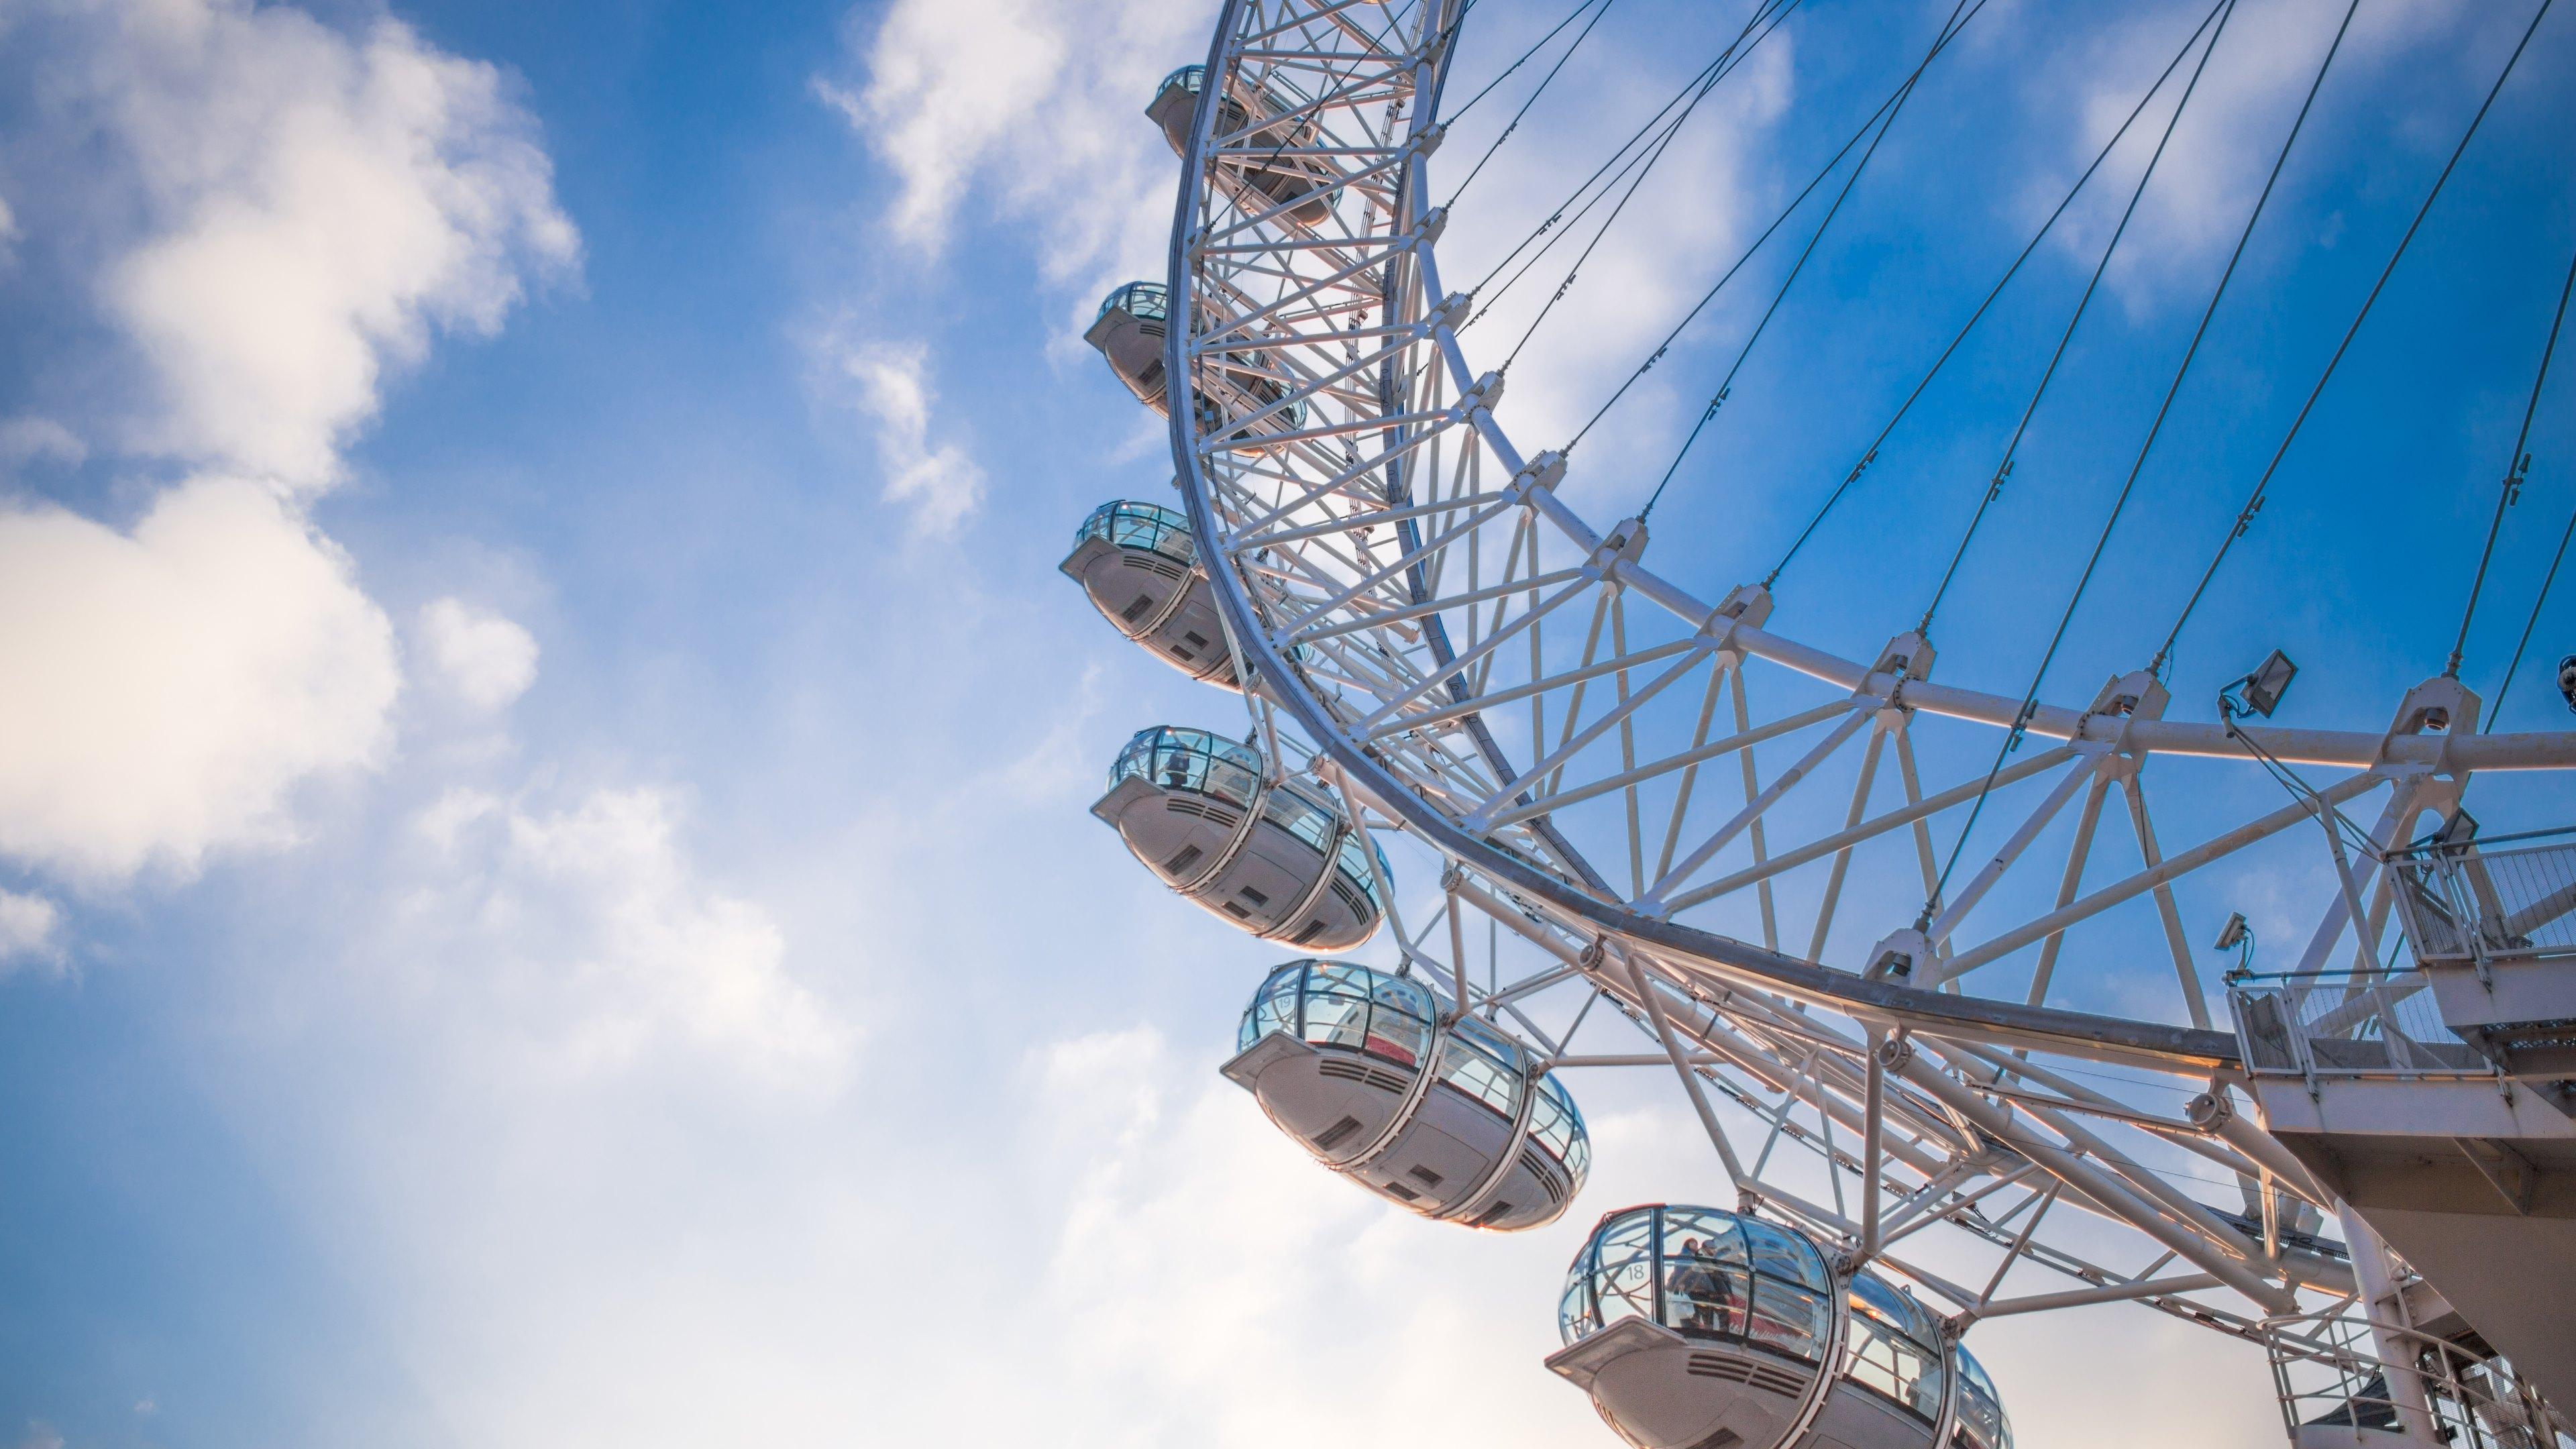 London Eye HD Wallpapers 4K Wallpapers 3840x2160